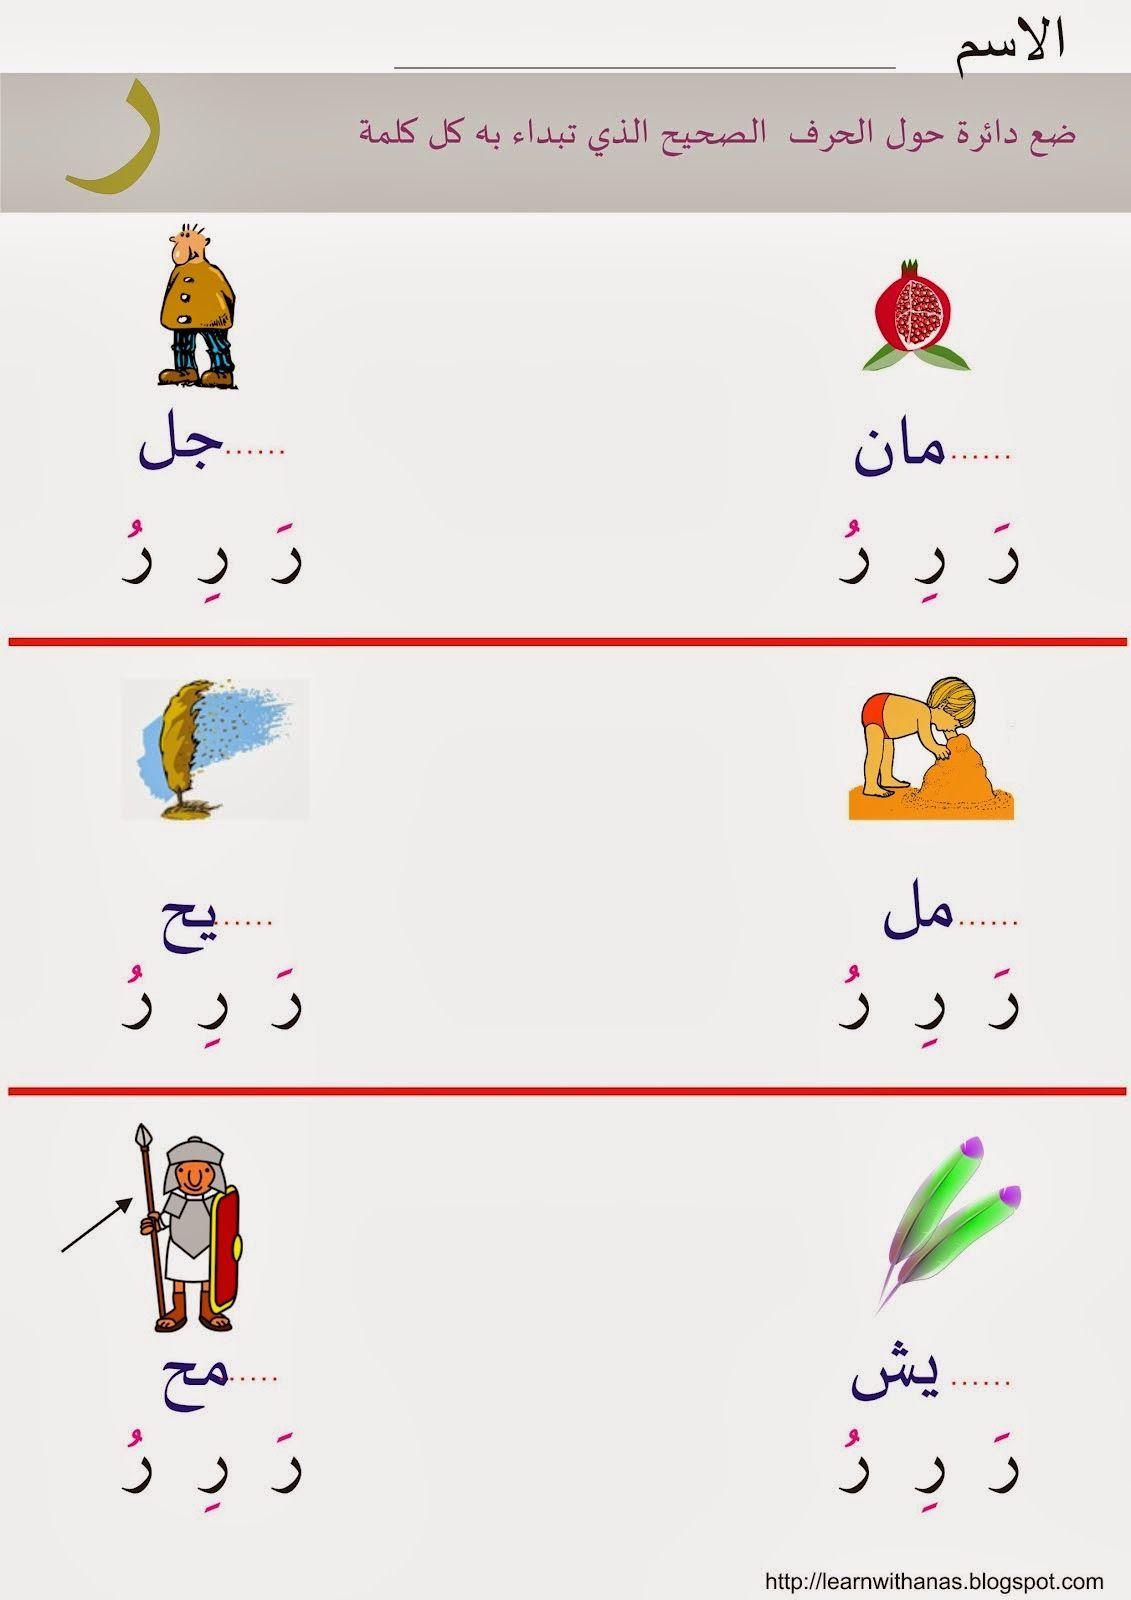 مراجعة حروف الهجاء روضة العلم للاطفال Arabic Alphabet For Kids Arabic Alphabet Arabic Worksheets